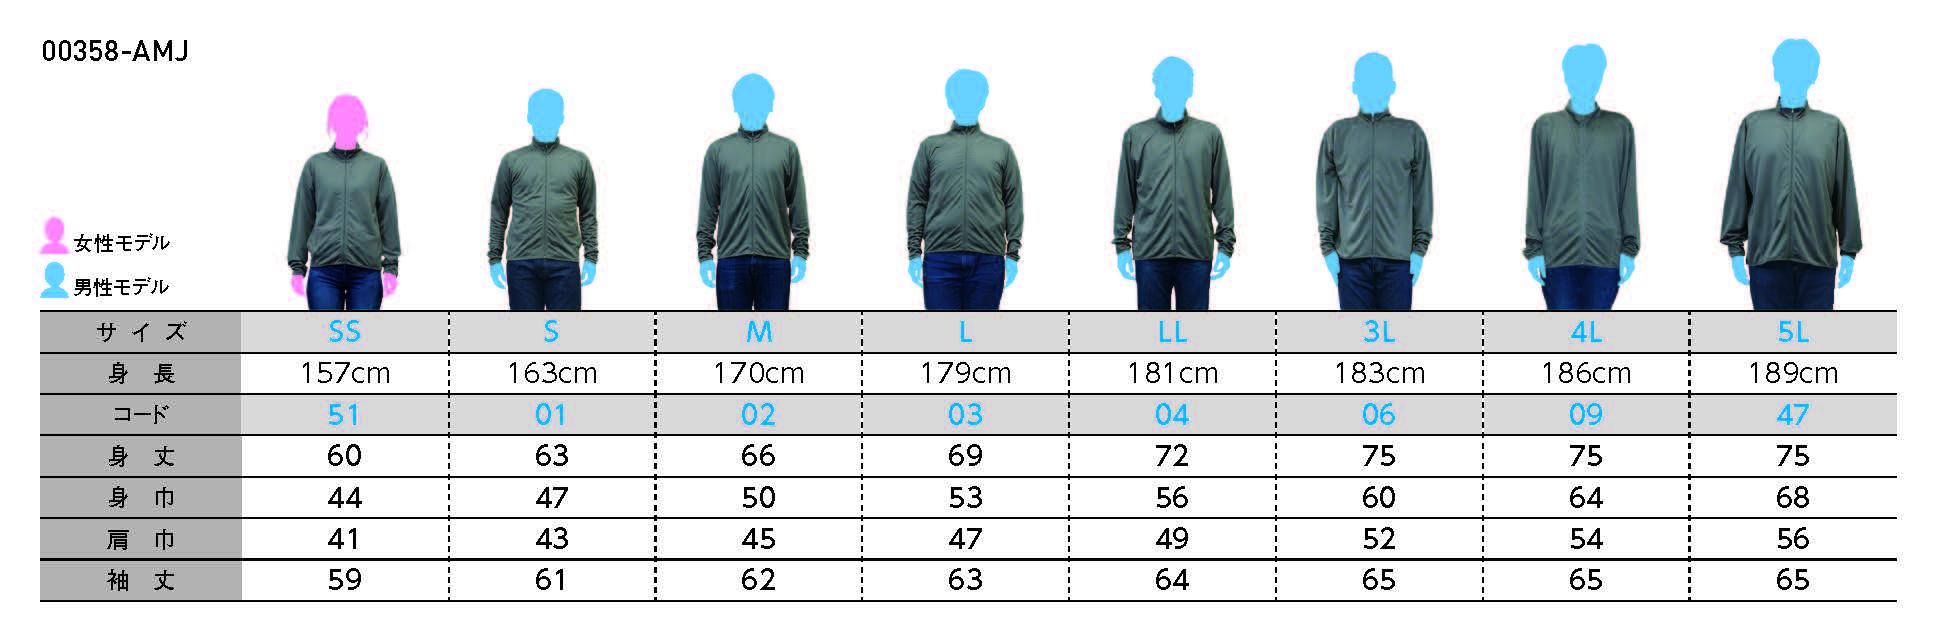 4.4オンス ドライジップジャケットのサイズチャート